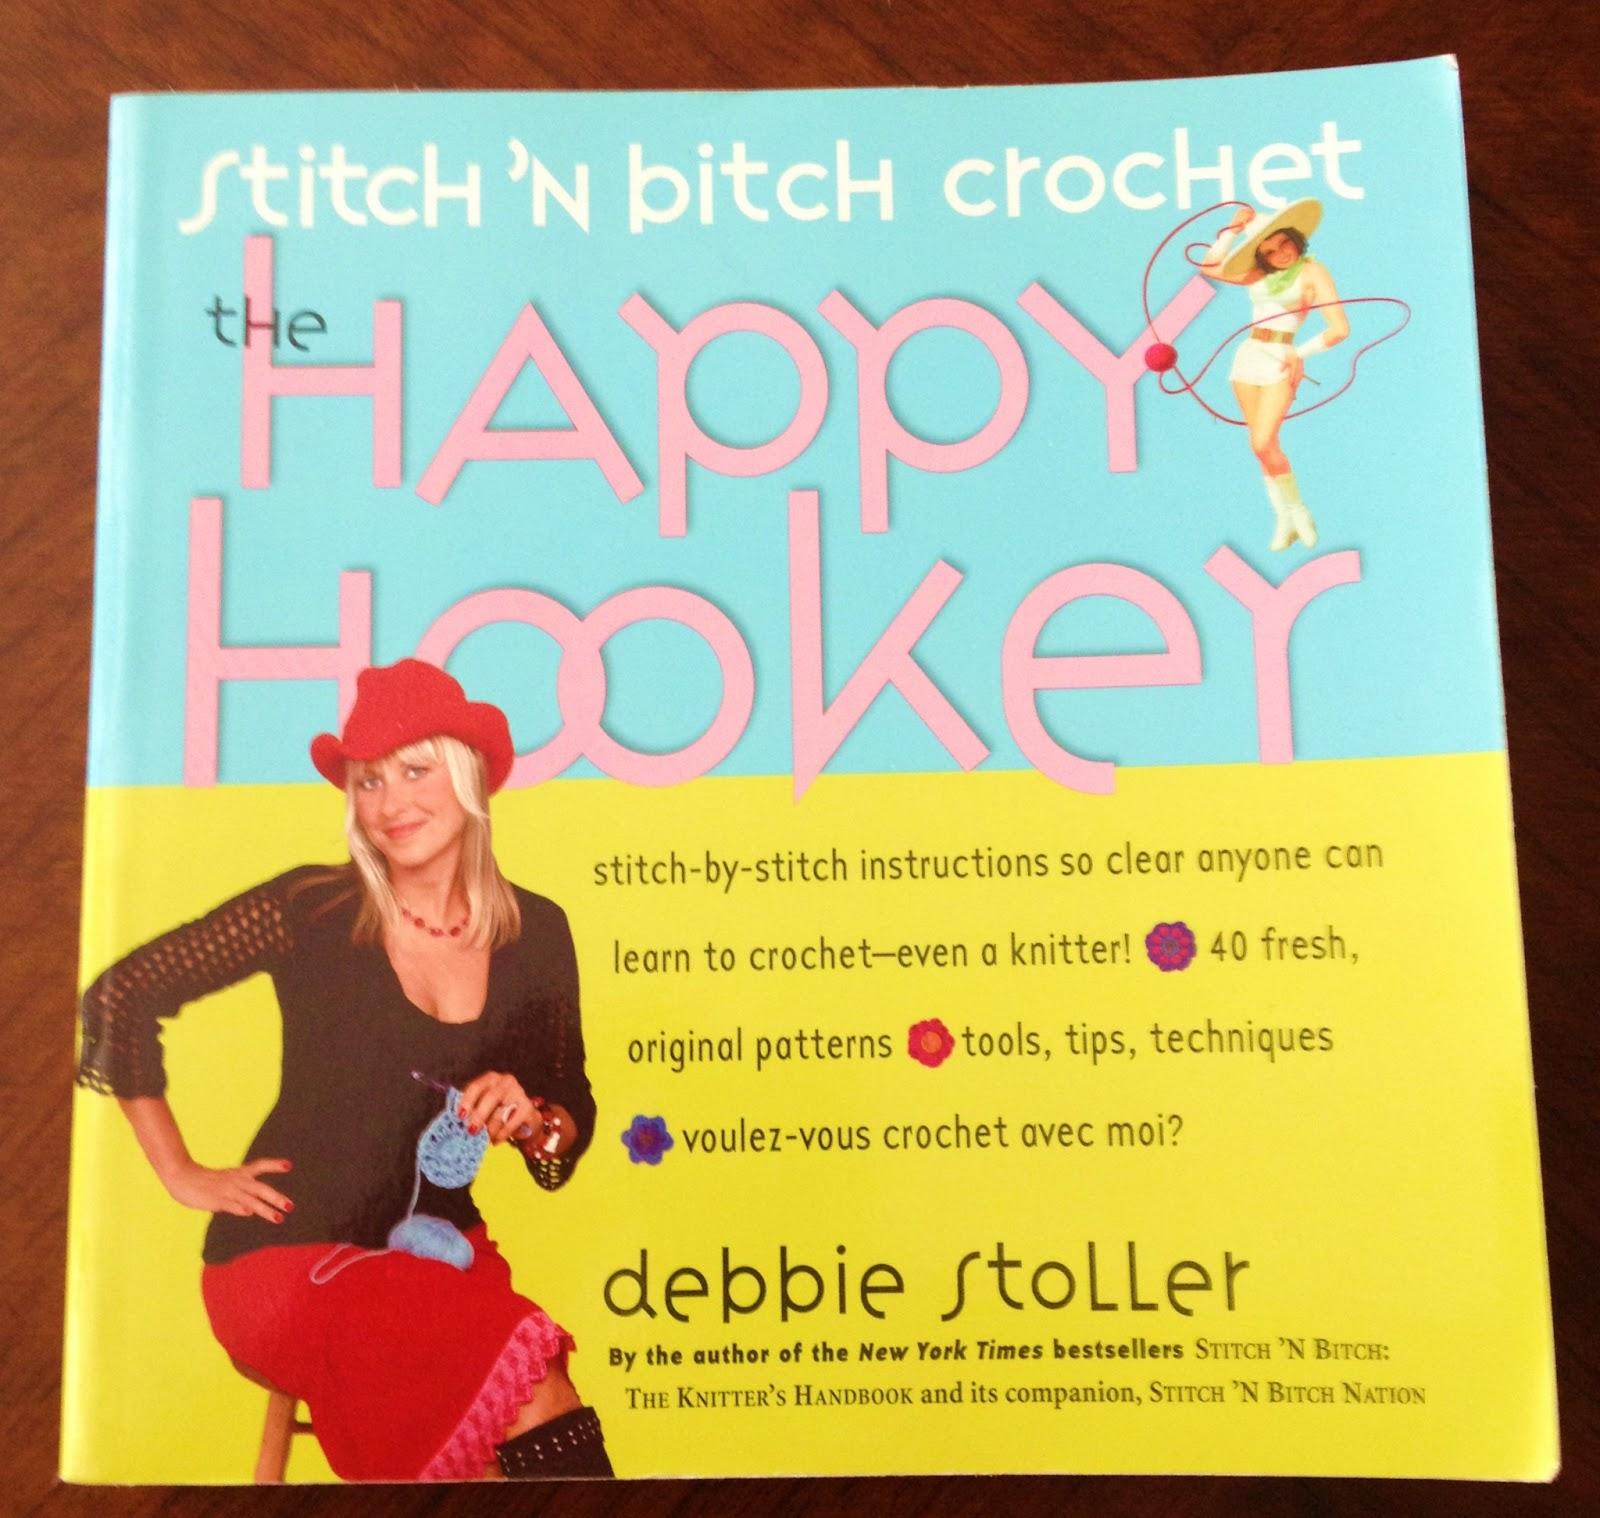 The Happy Hooker Crochet